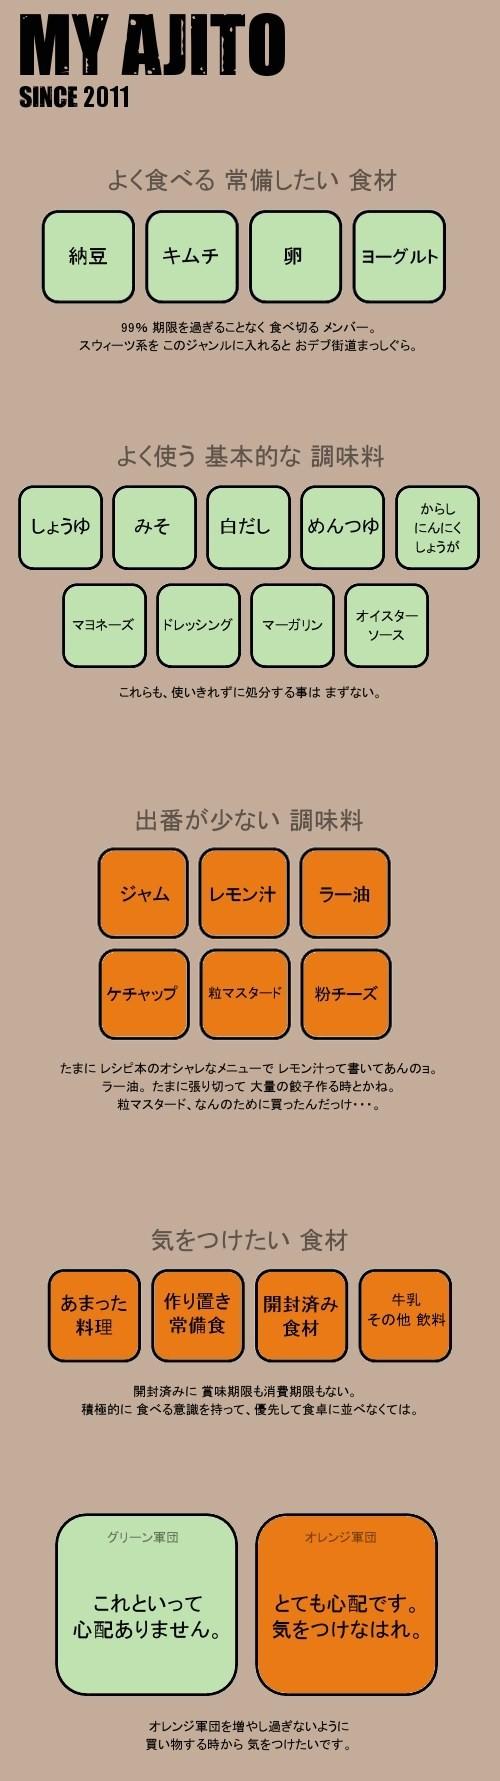 REI_02.jpg